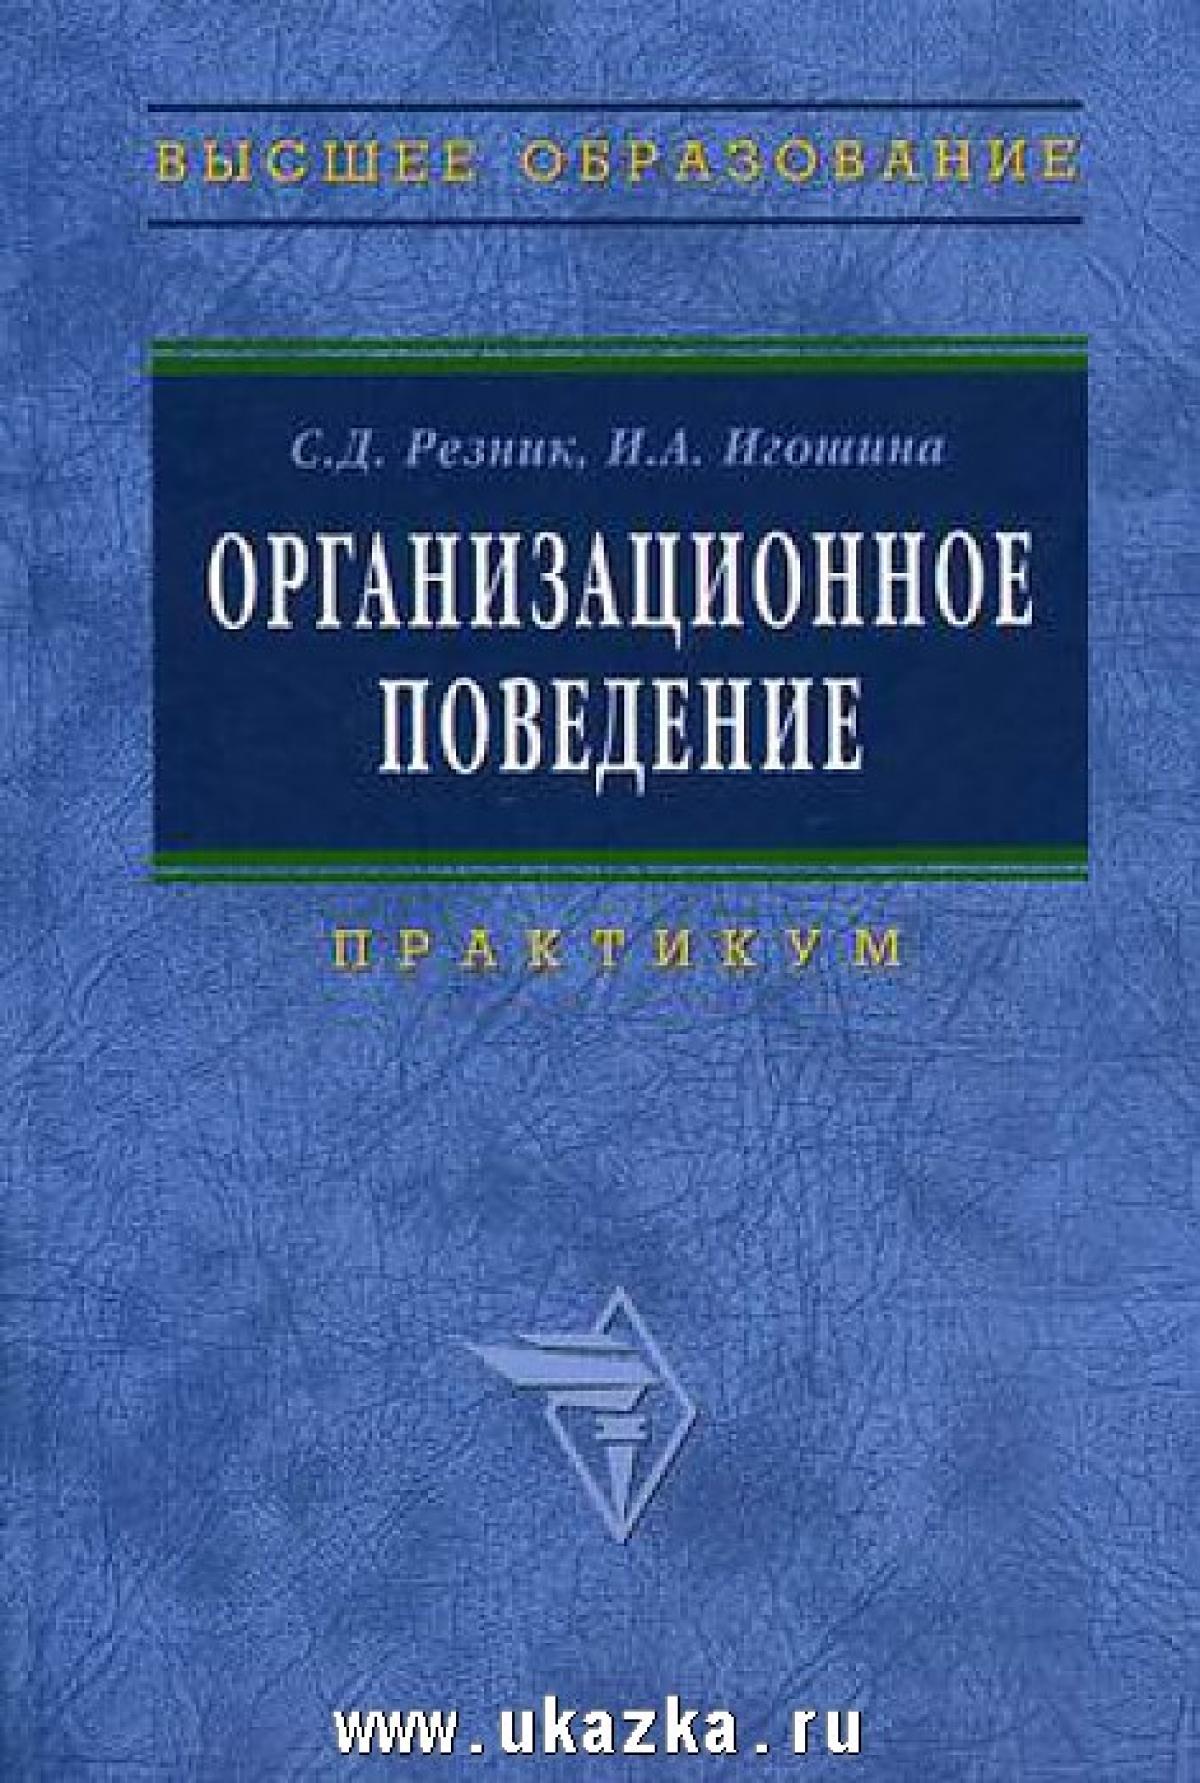 Обложка книги:  резник с.д., игошина и.а. - организационное поведение практикум.